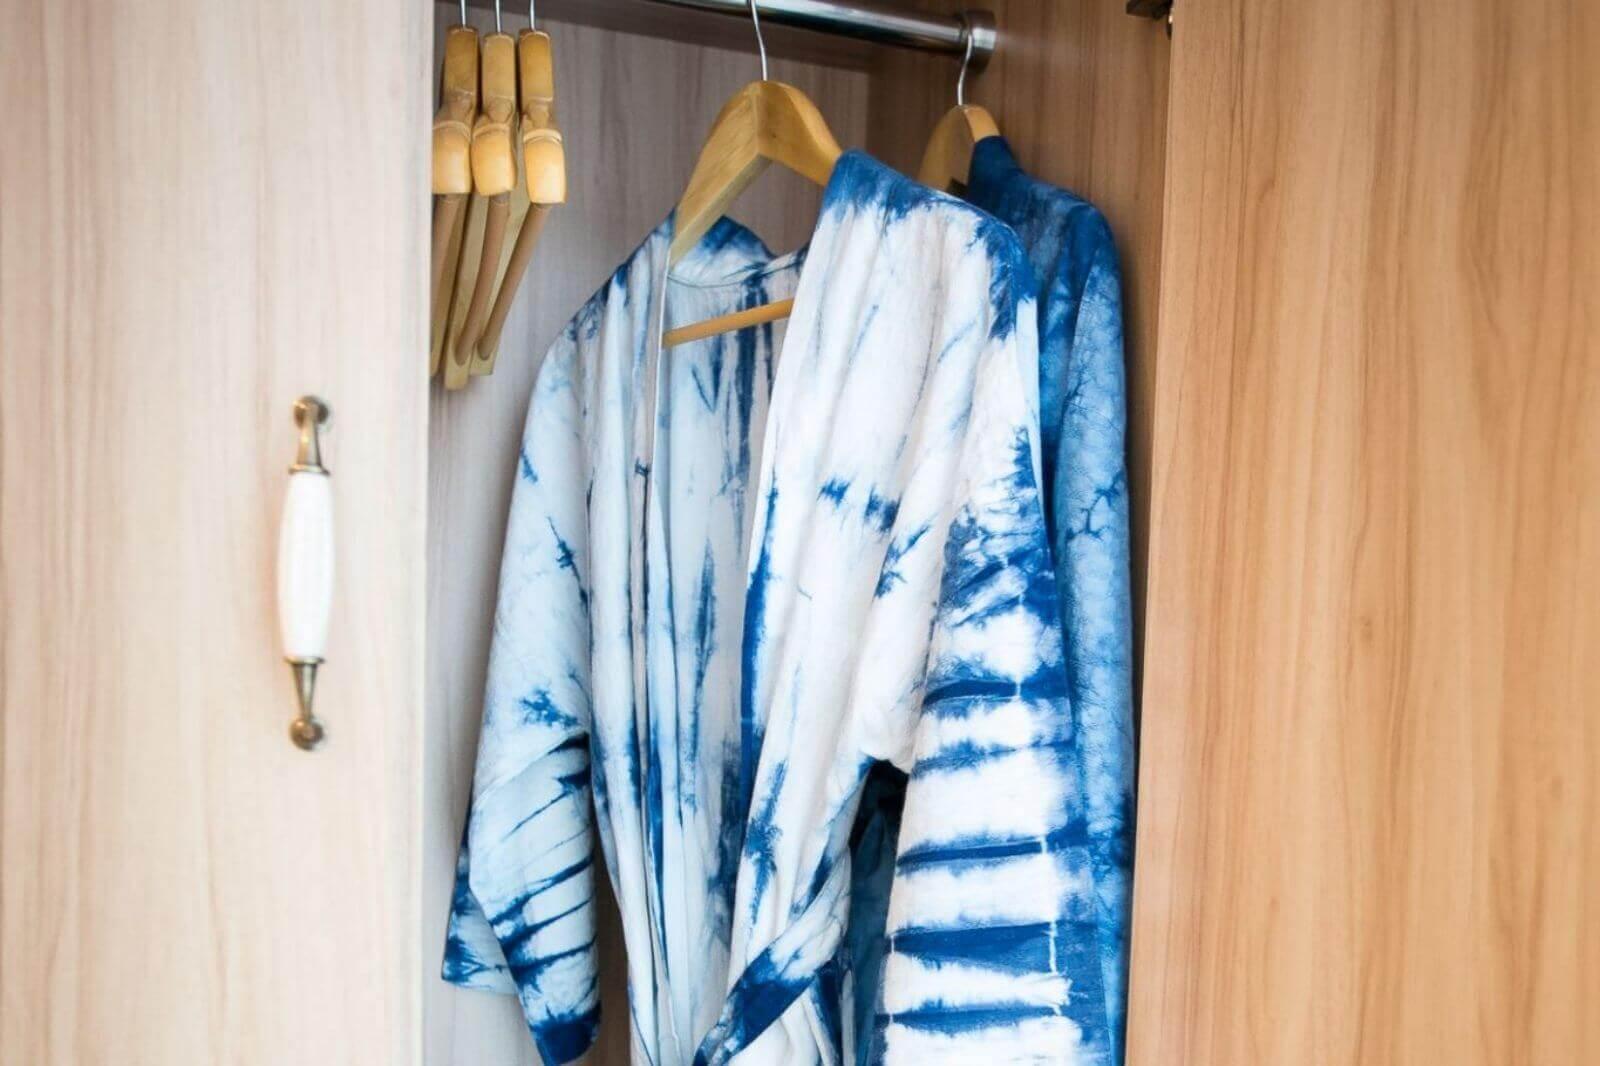 เสื้อคลุมอาบน้ำผ้ามัดย้อม_โรงแรม ดีพร้อม พัทยา ที่พักสวยๆ ใจกลางพัทยากลาง